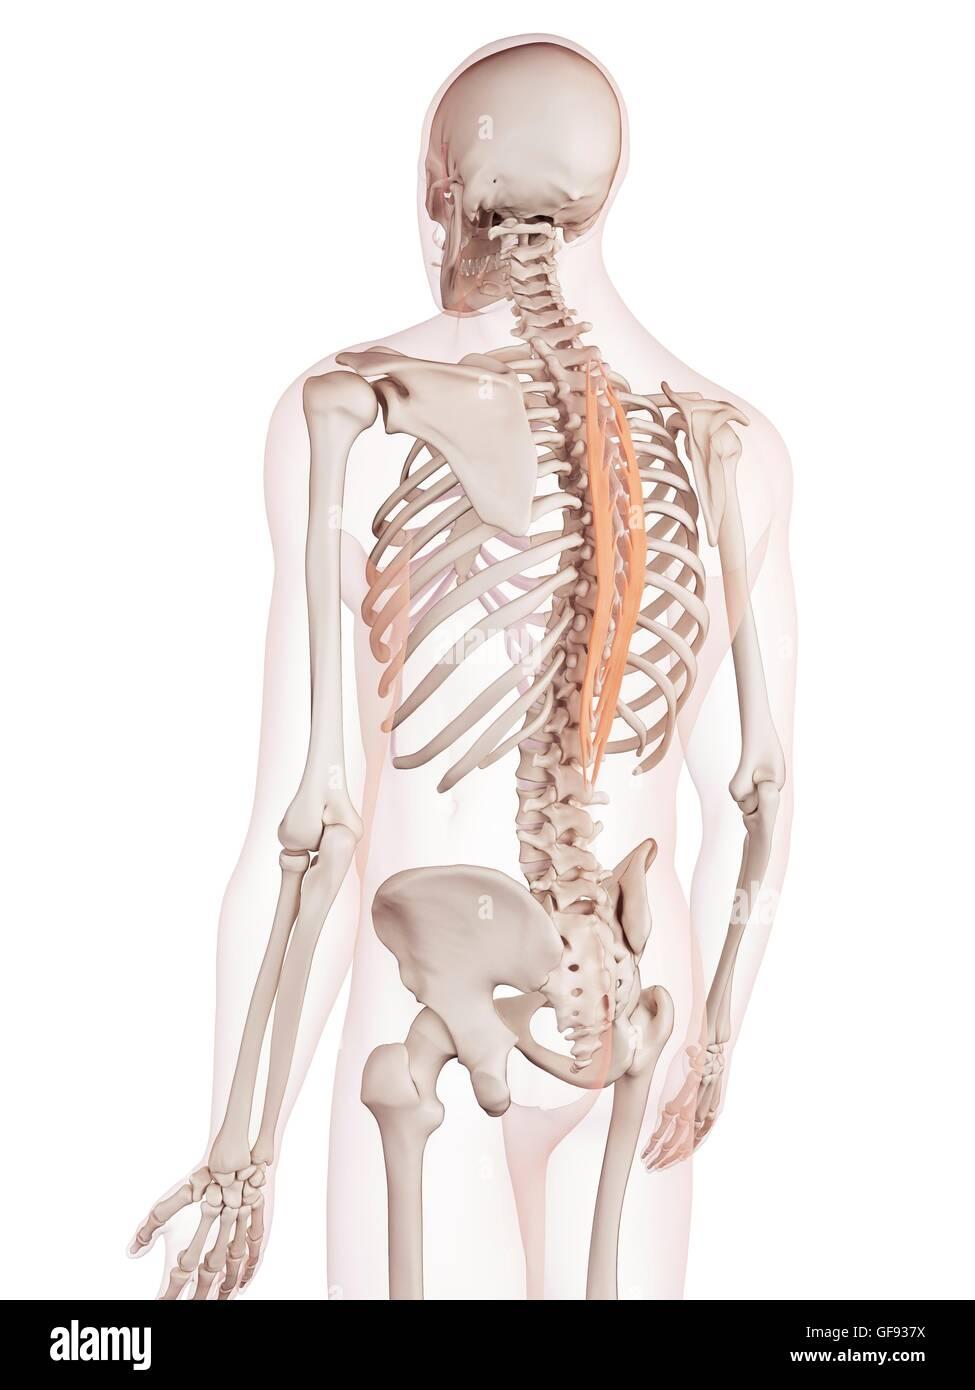 Menschliche Rückenmuskulatur, Abbildung Stockfoto, Bild: 112682190 ...